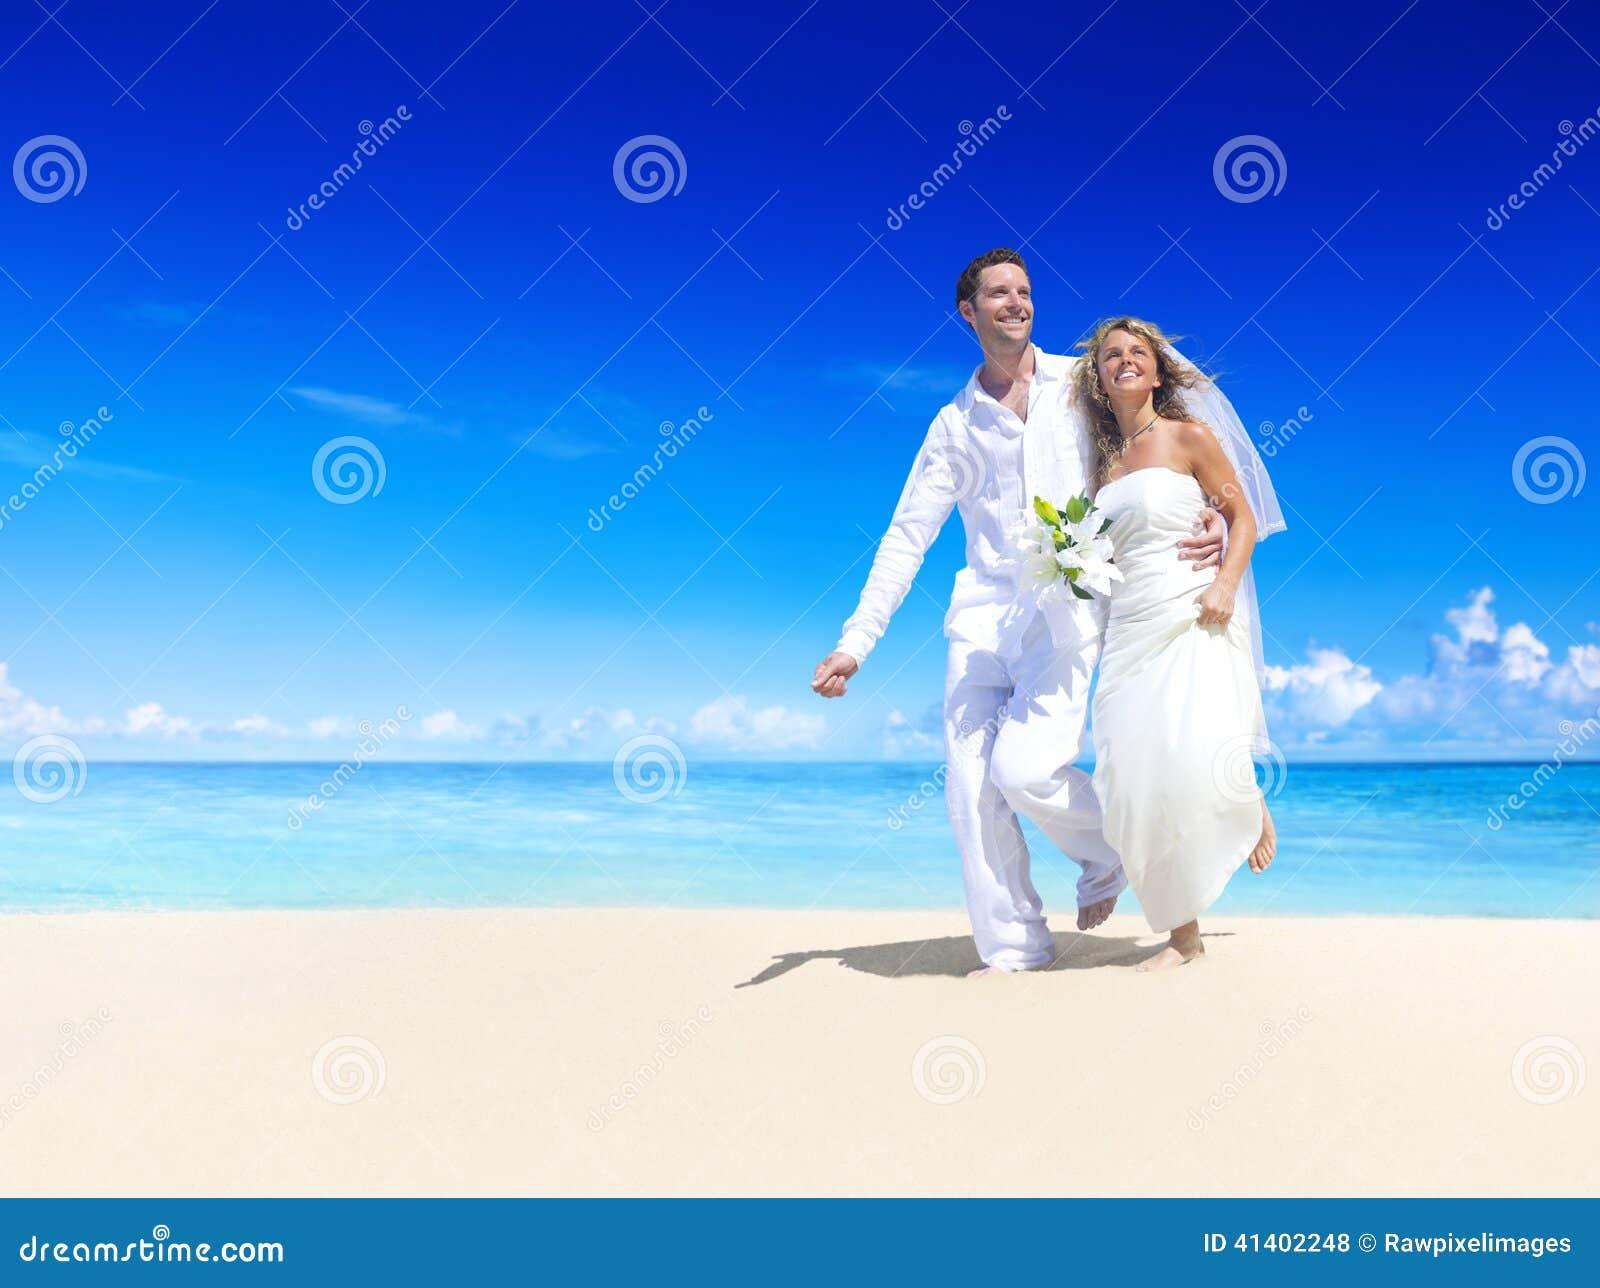 Matrimonio Sulla Spiaggia Puglia : Coppie che ottengono matrimonio sulla spiaggia fotografia